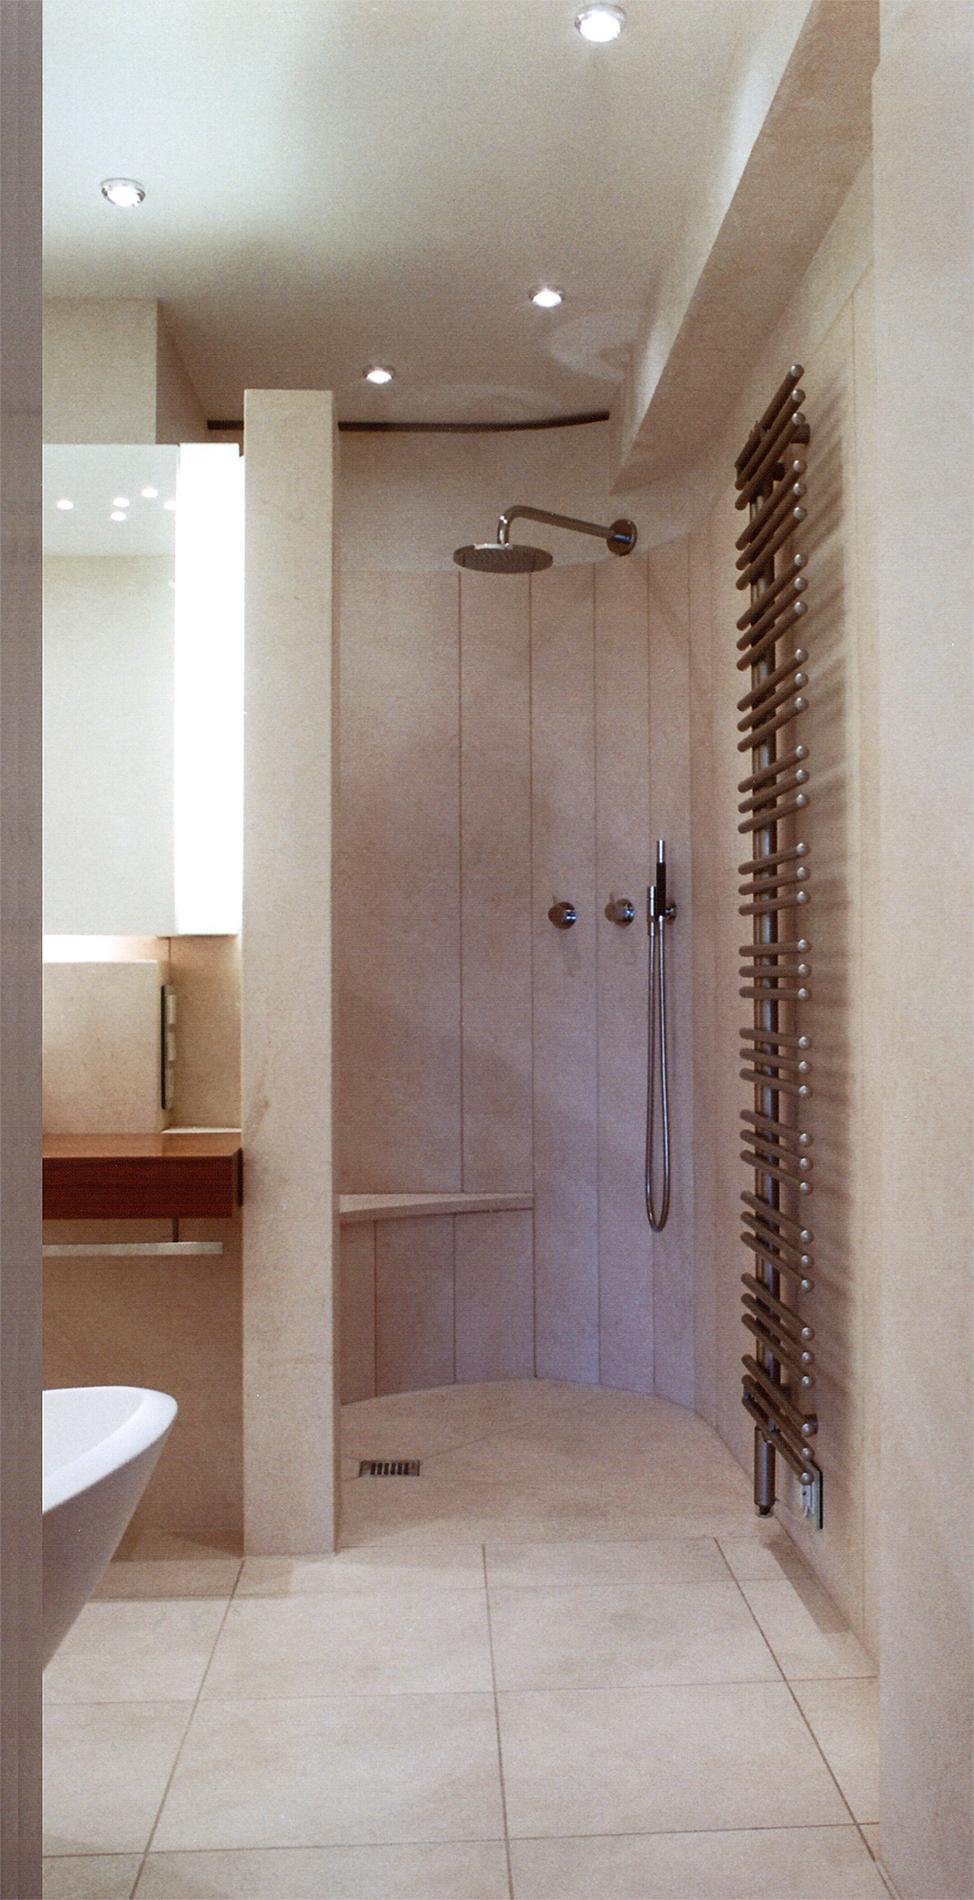 Captivating Dusche Mit Beheizter Sitzbank #bad #badezimmer ©Werner Dielen Good Looking